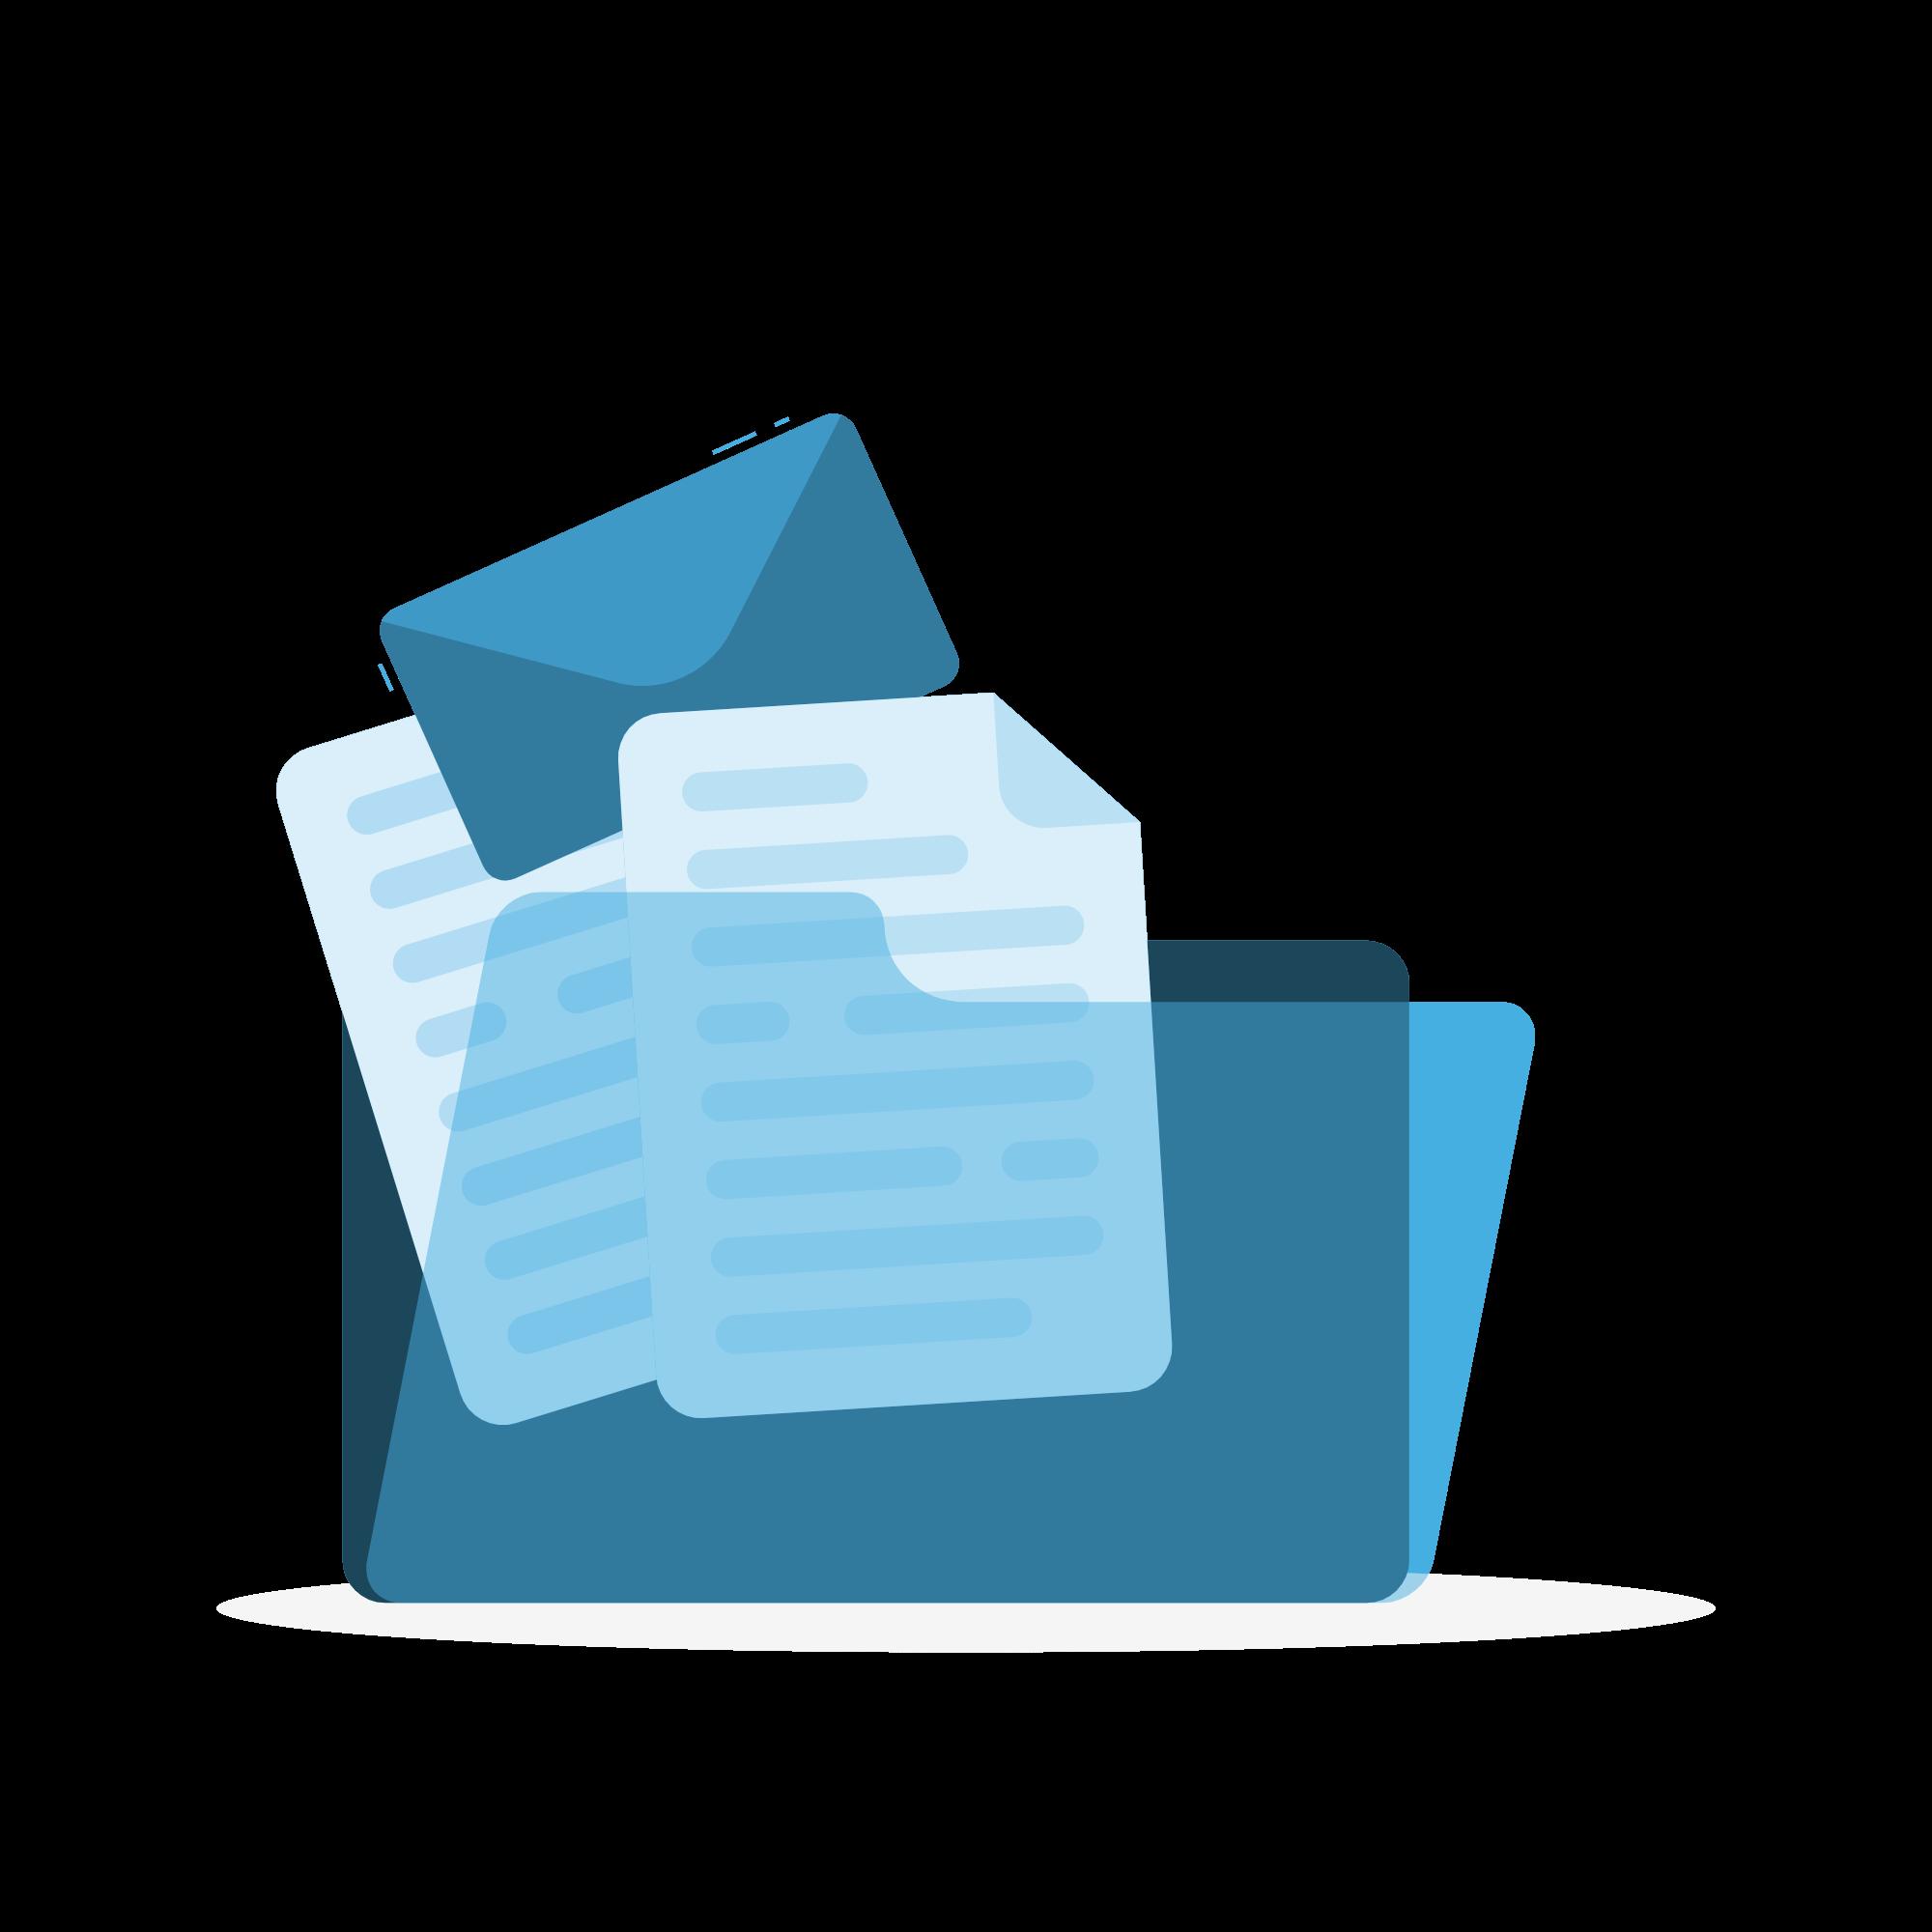 Documents-rafiki (1)